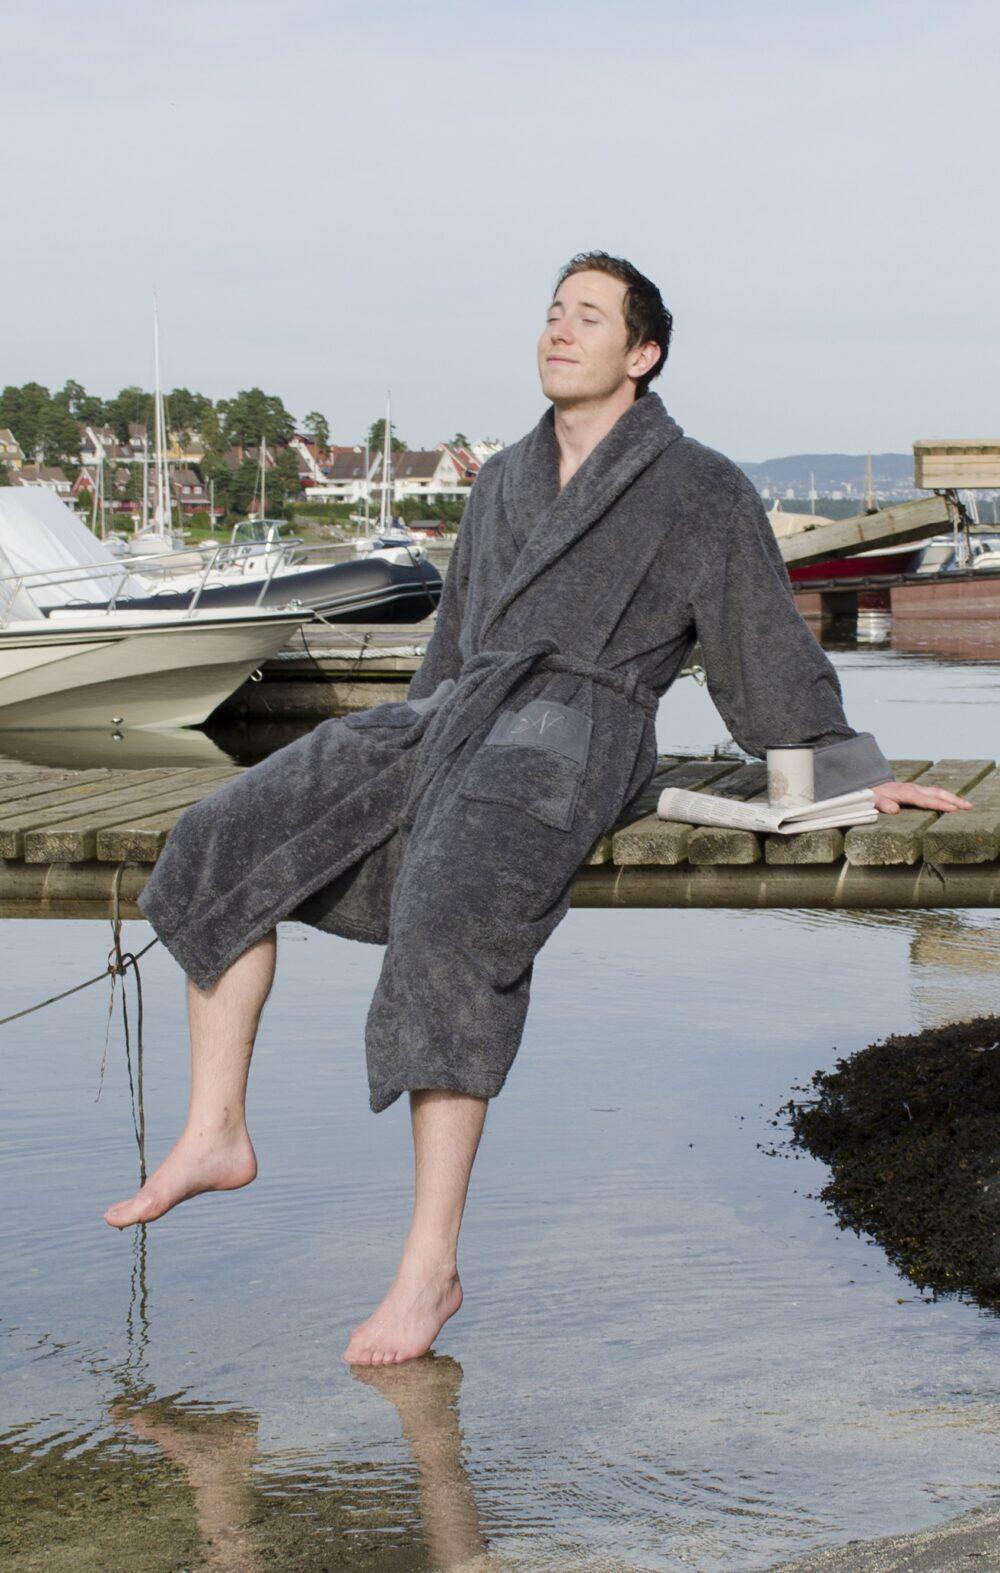 Nord badekåper kvalitet tykke rause myke gode miljø